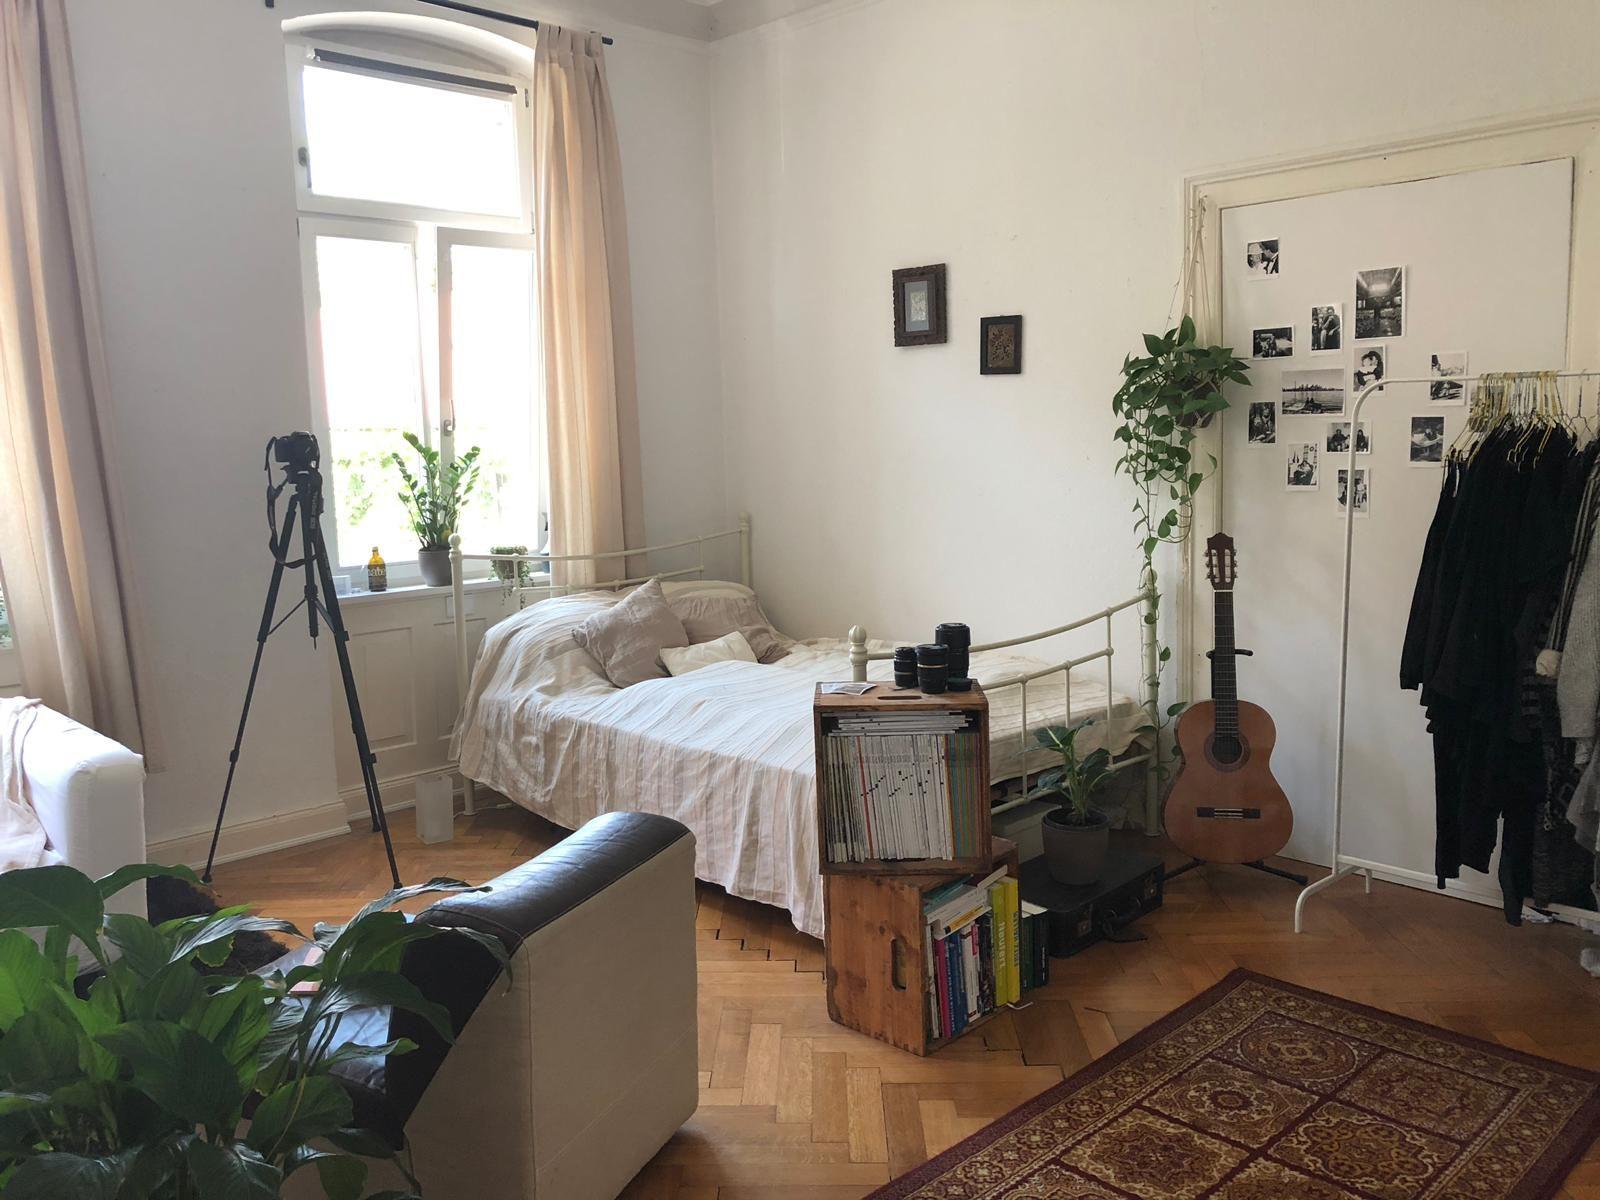 Schones Helles Und Grunes Zimmer In Einer Altbau Wg Grune Zimmer Zimmer Einrichten Zimmer Gestalten